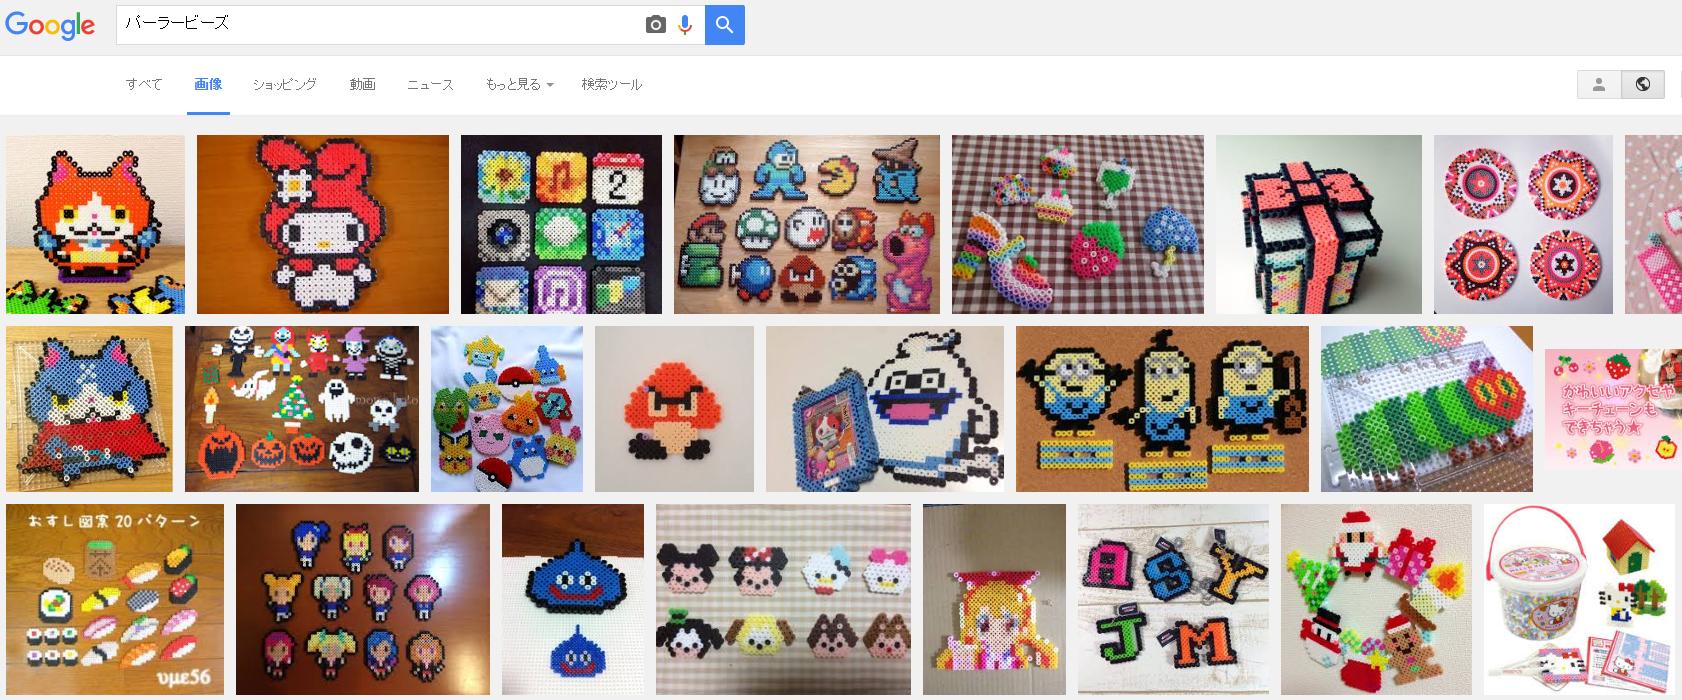 パーラービーズ画像検索結果